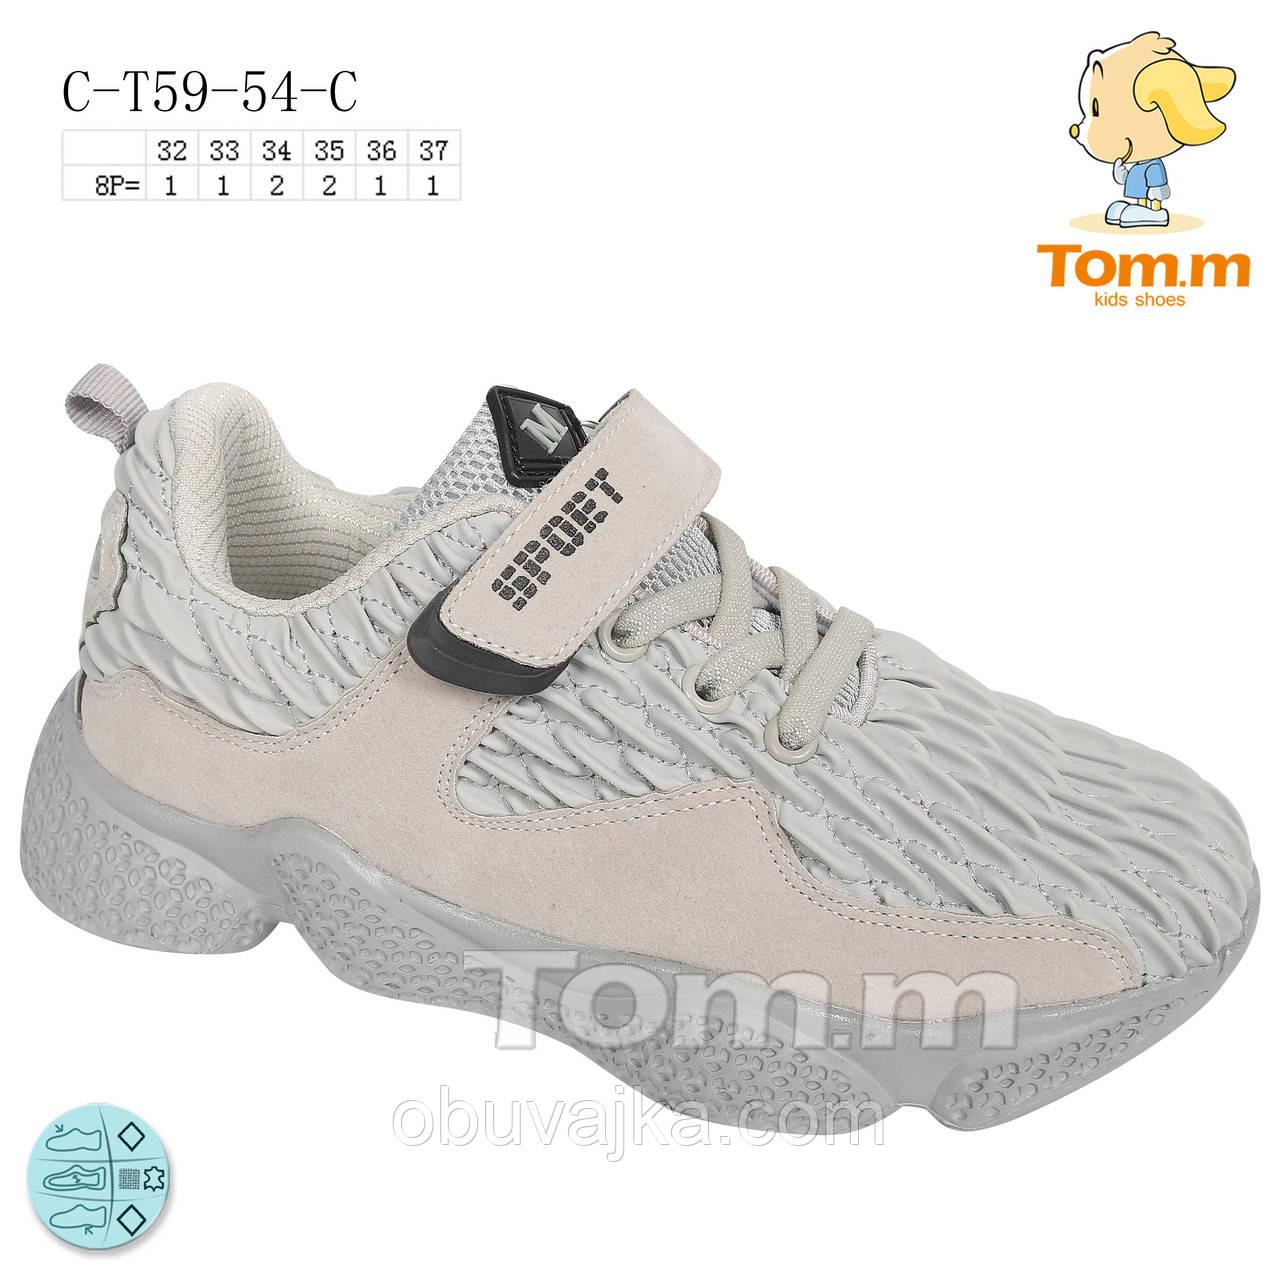 Детские кроссовки 2019 в Одессе от производителя Tom m(32-37)